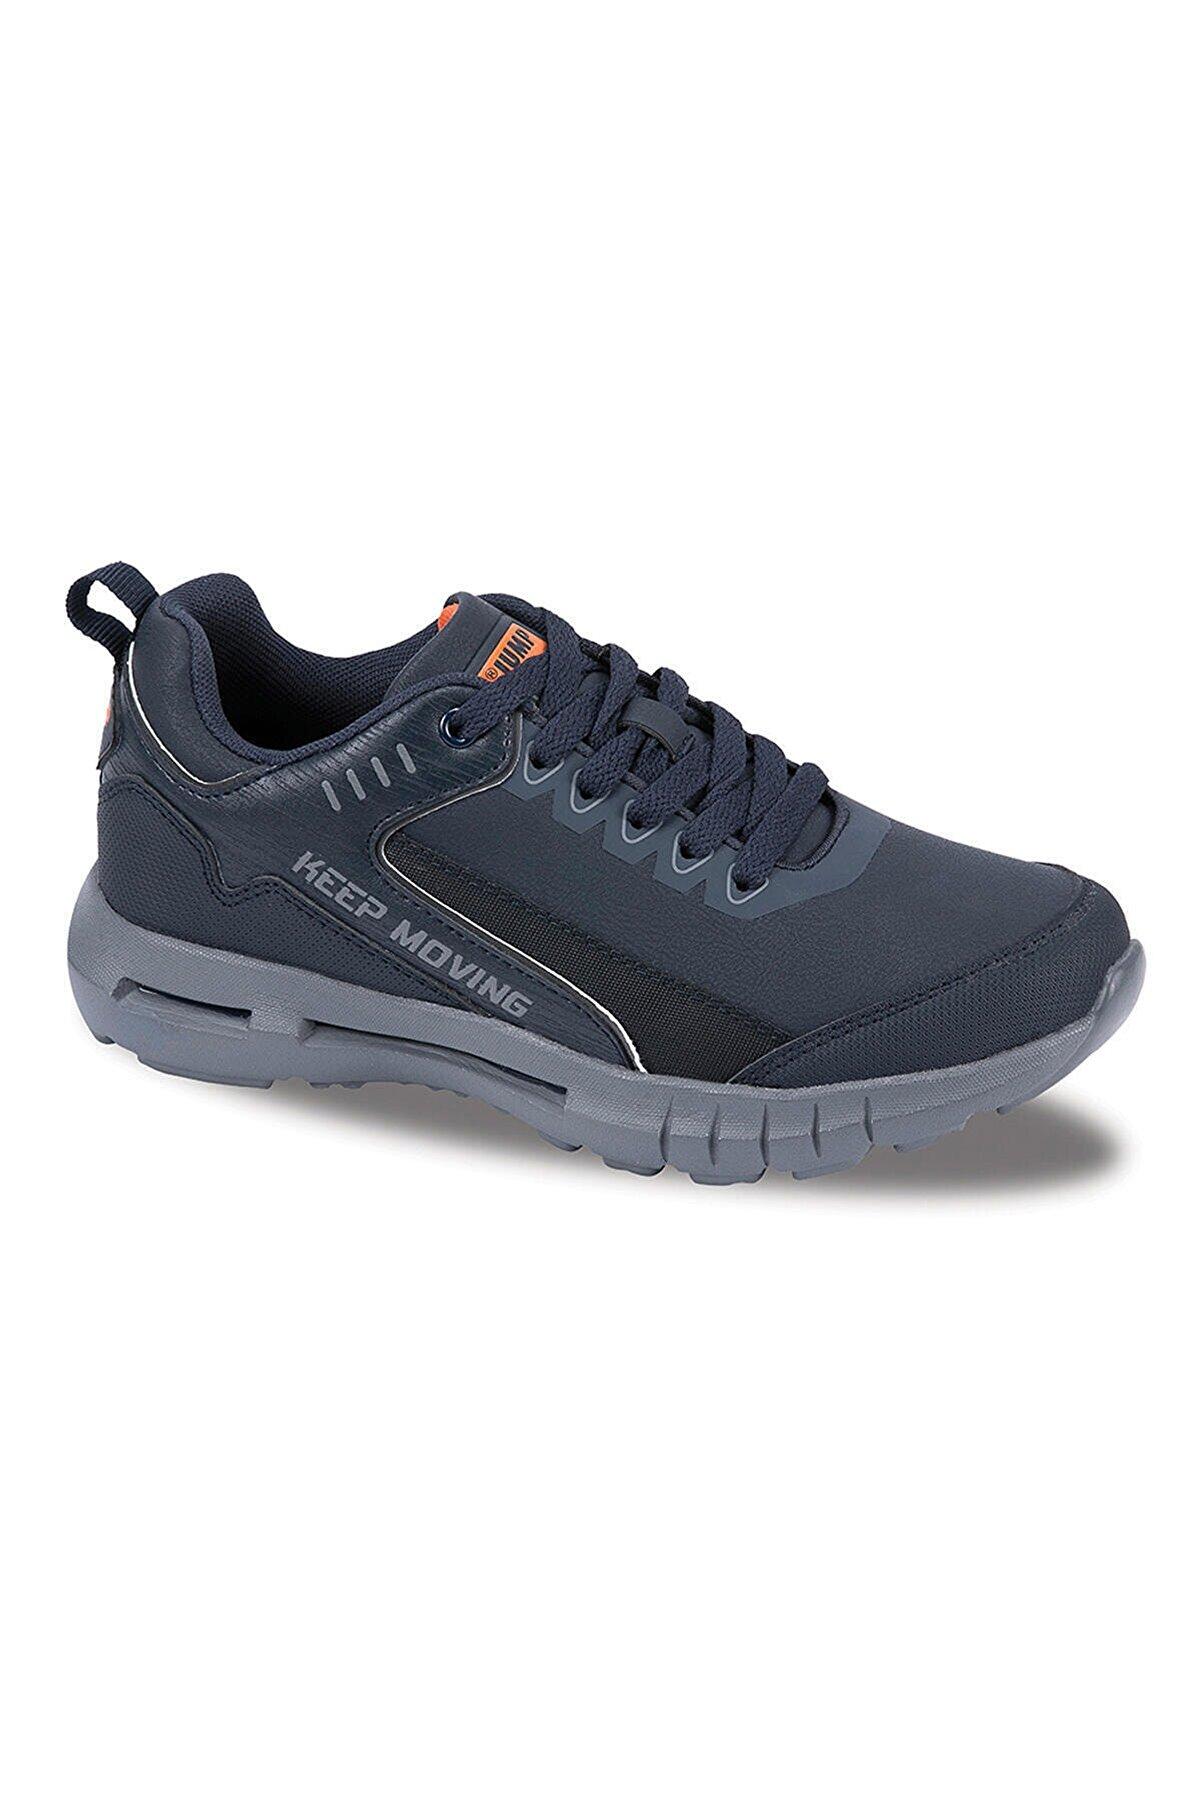 Jump 25521 Kadın Erkek Spor Ayakkabı - Lacivert - 37